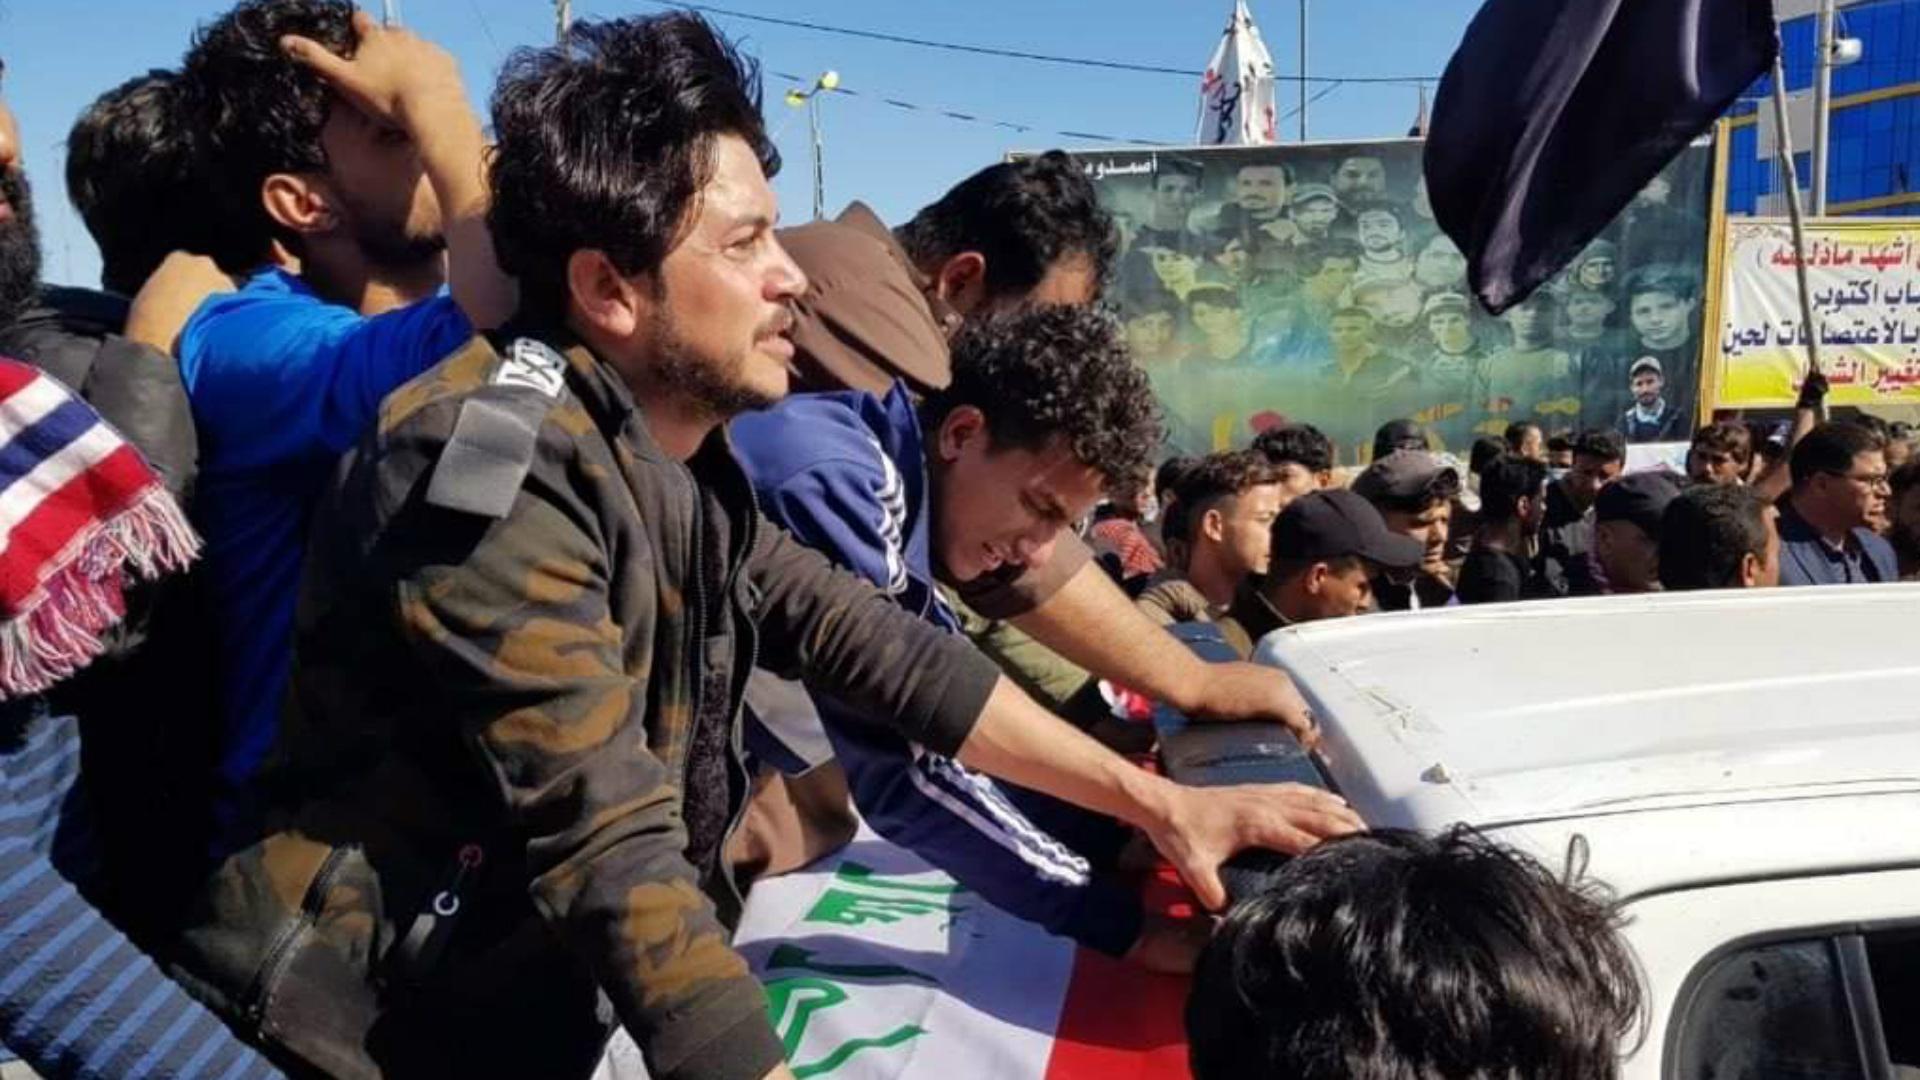 مسلحون يطلقون النار على متظاهرين رفضوا استقبال تشييعاً رمزياً لقادة الحشد